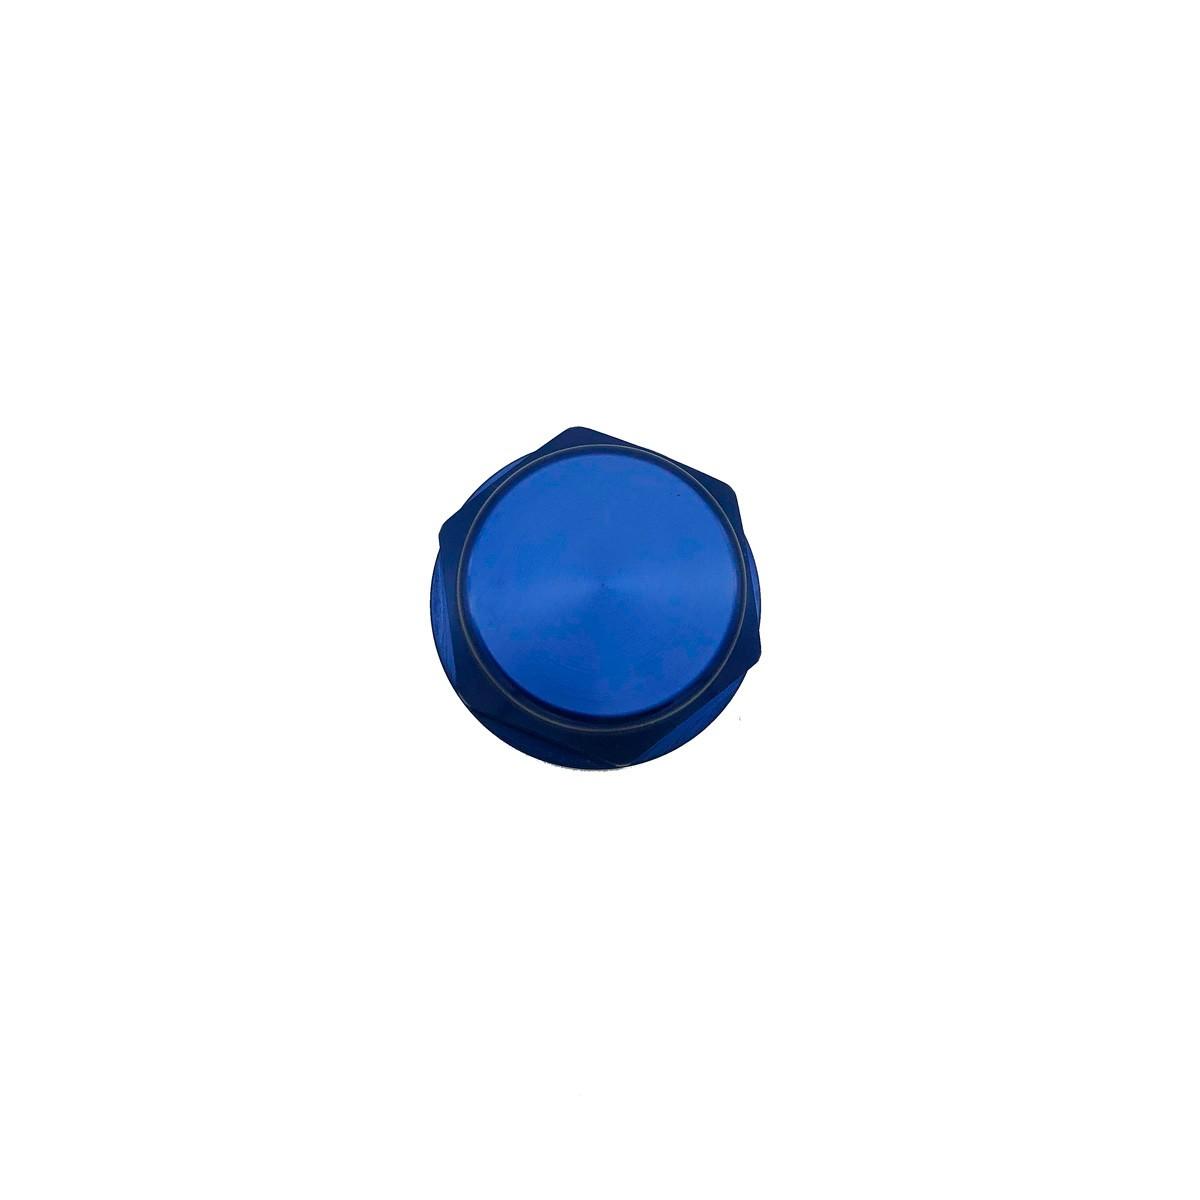 Porca central da mesa 28mm x 1.00mm Fechada Azul